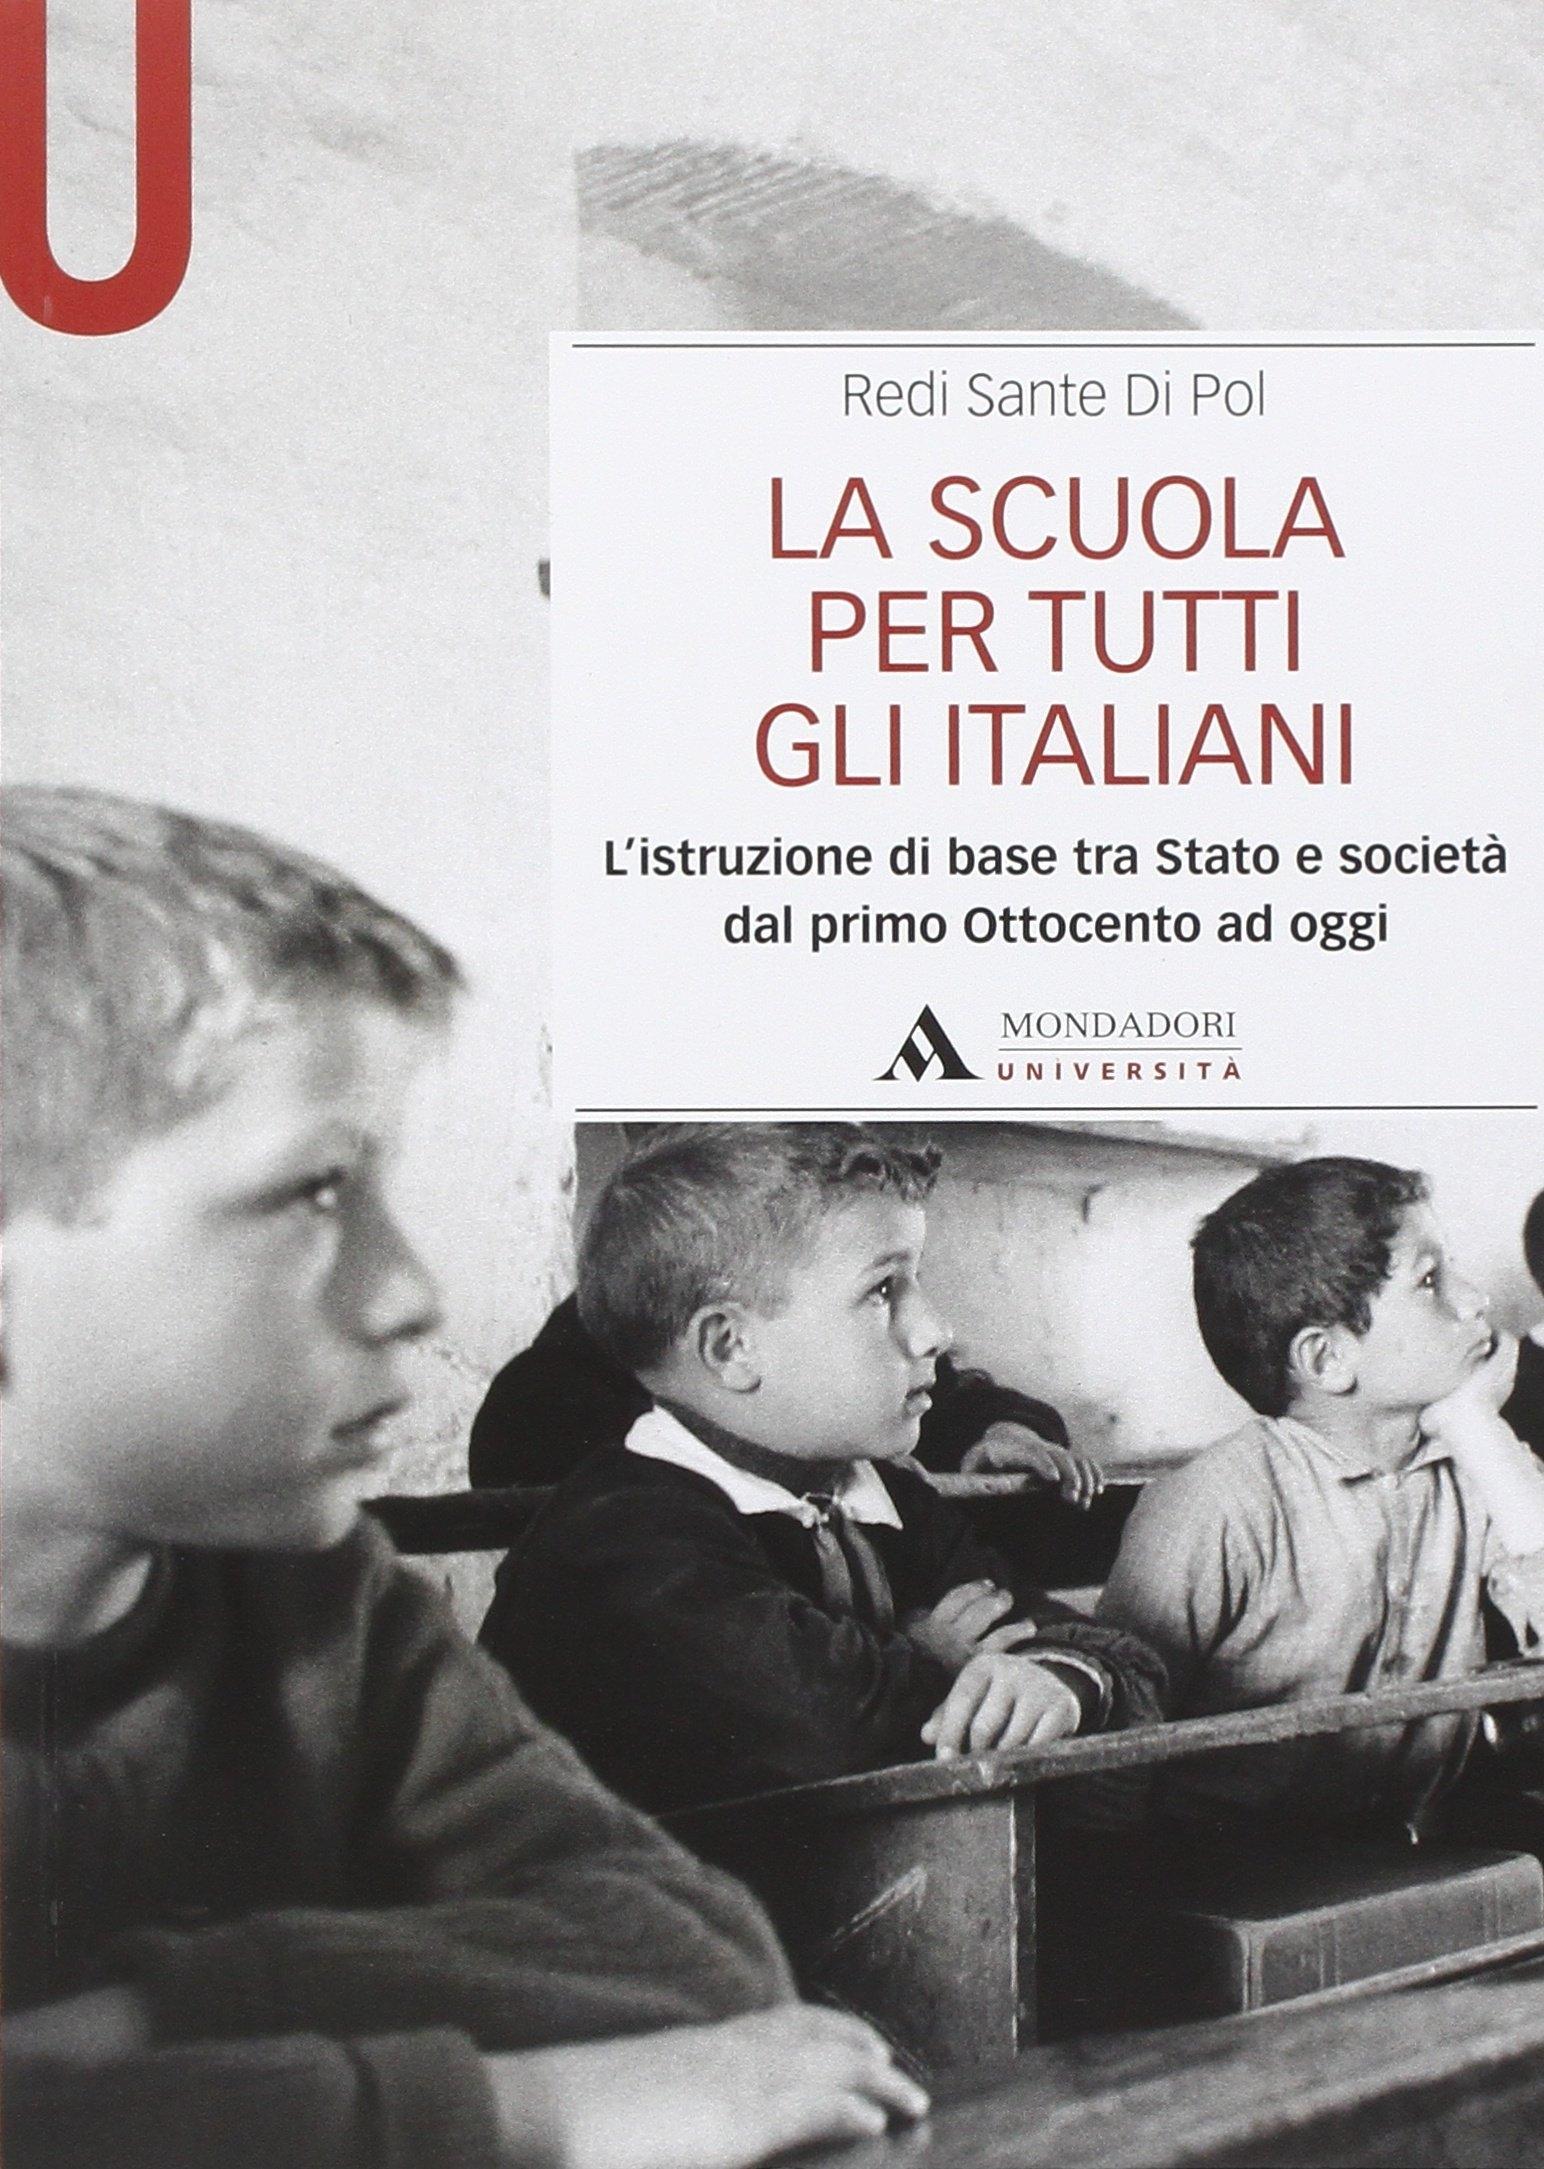 La scuola per tutti gli italiani. L'istruzione di base tra Stato e società dal primo Ottocento ad oggi.